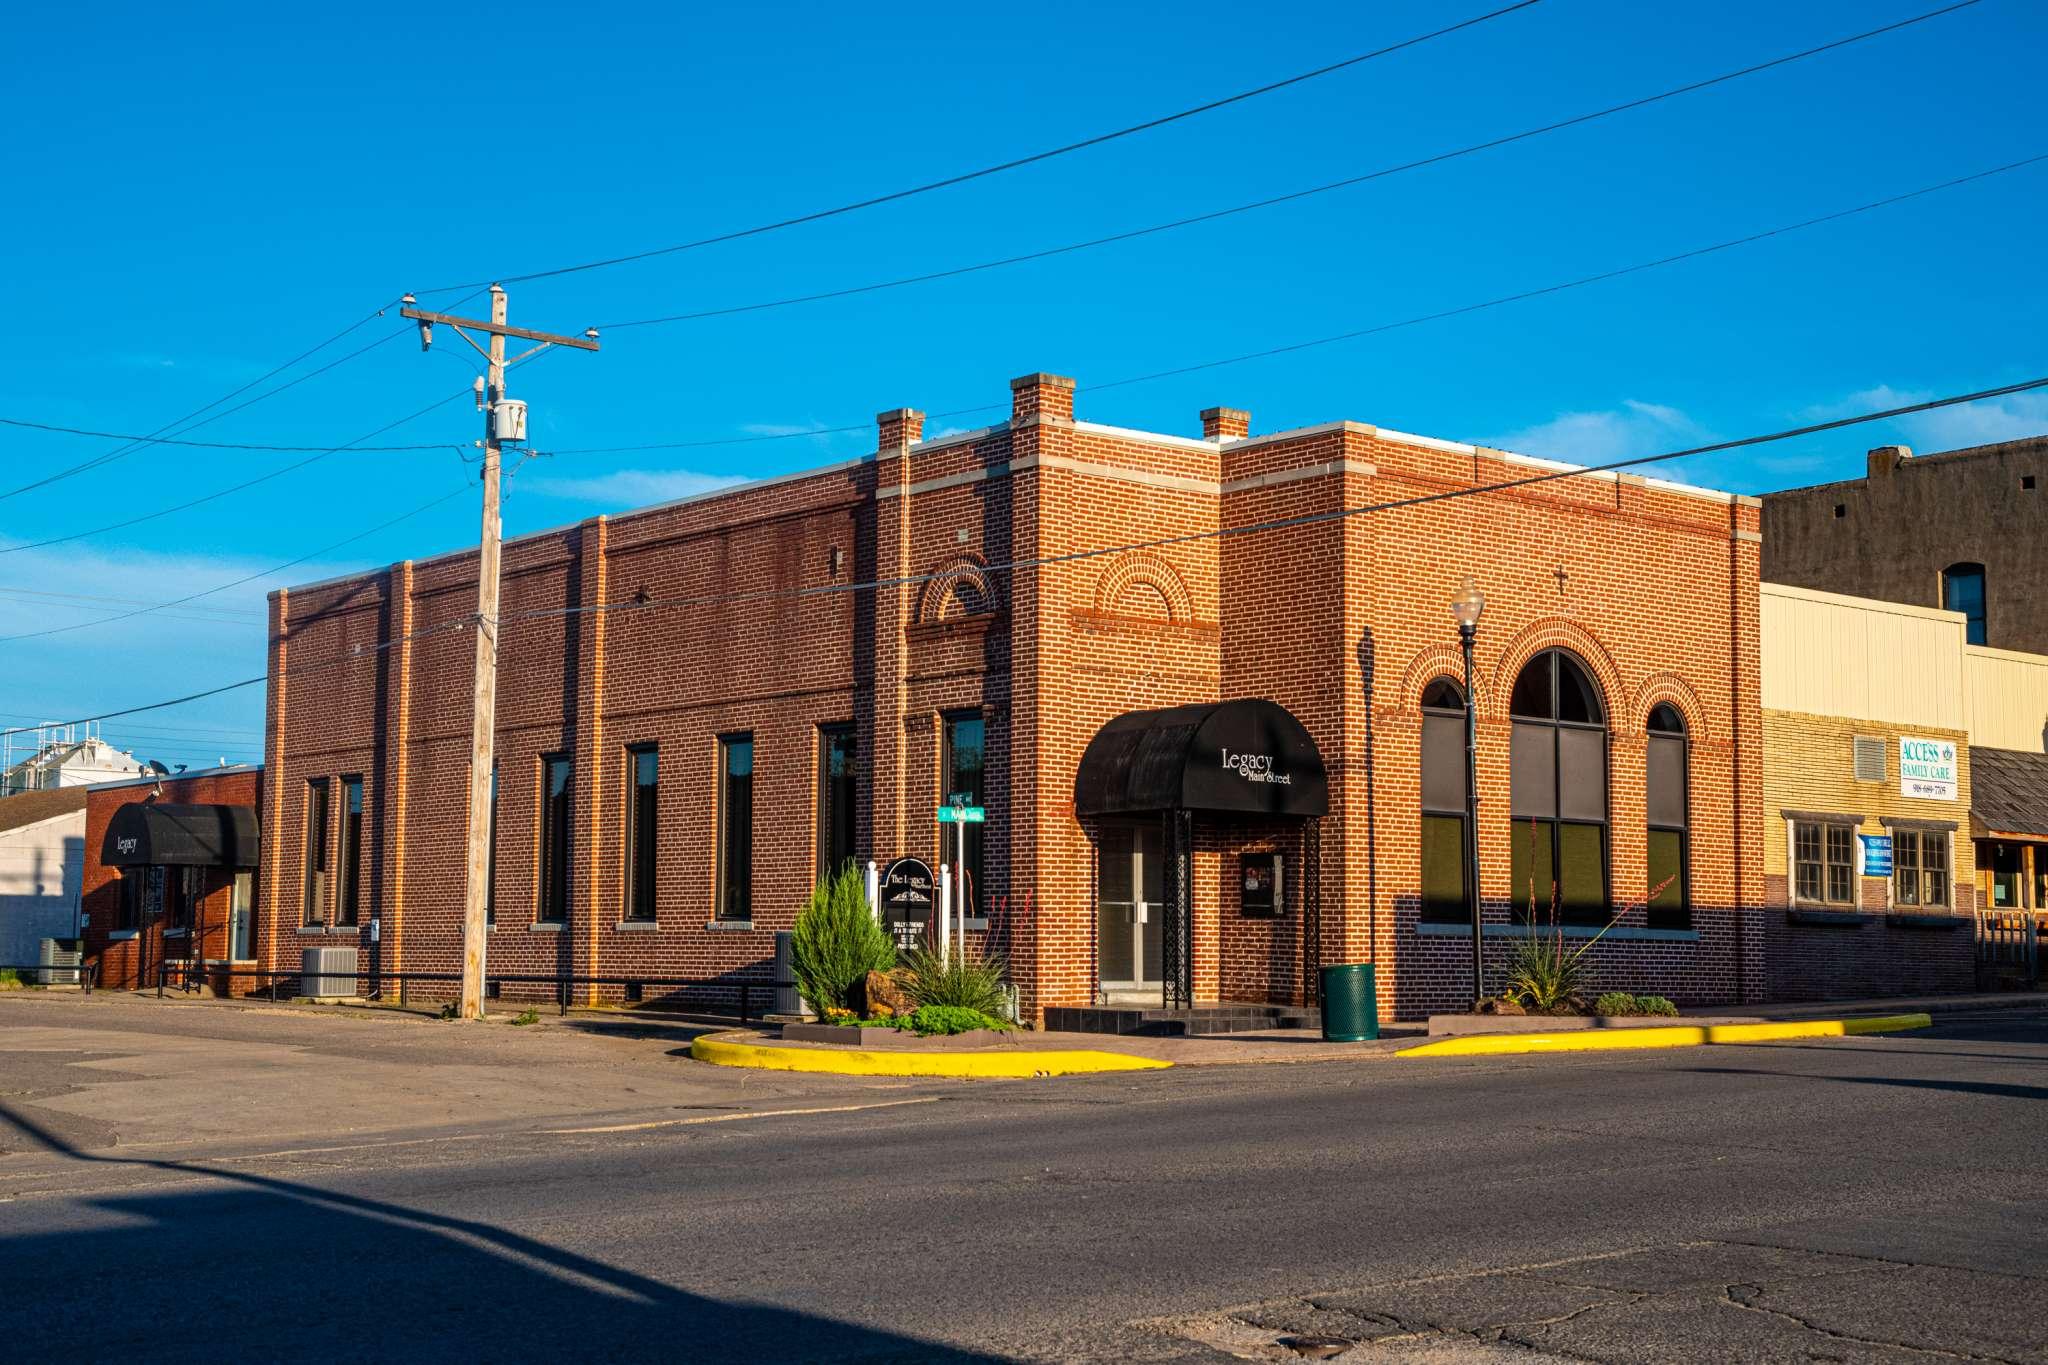 Eufaula, Oklahoma Historic Downtown Architecture Entertainment Venue